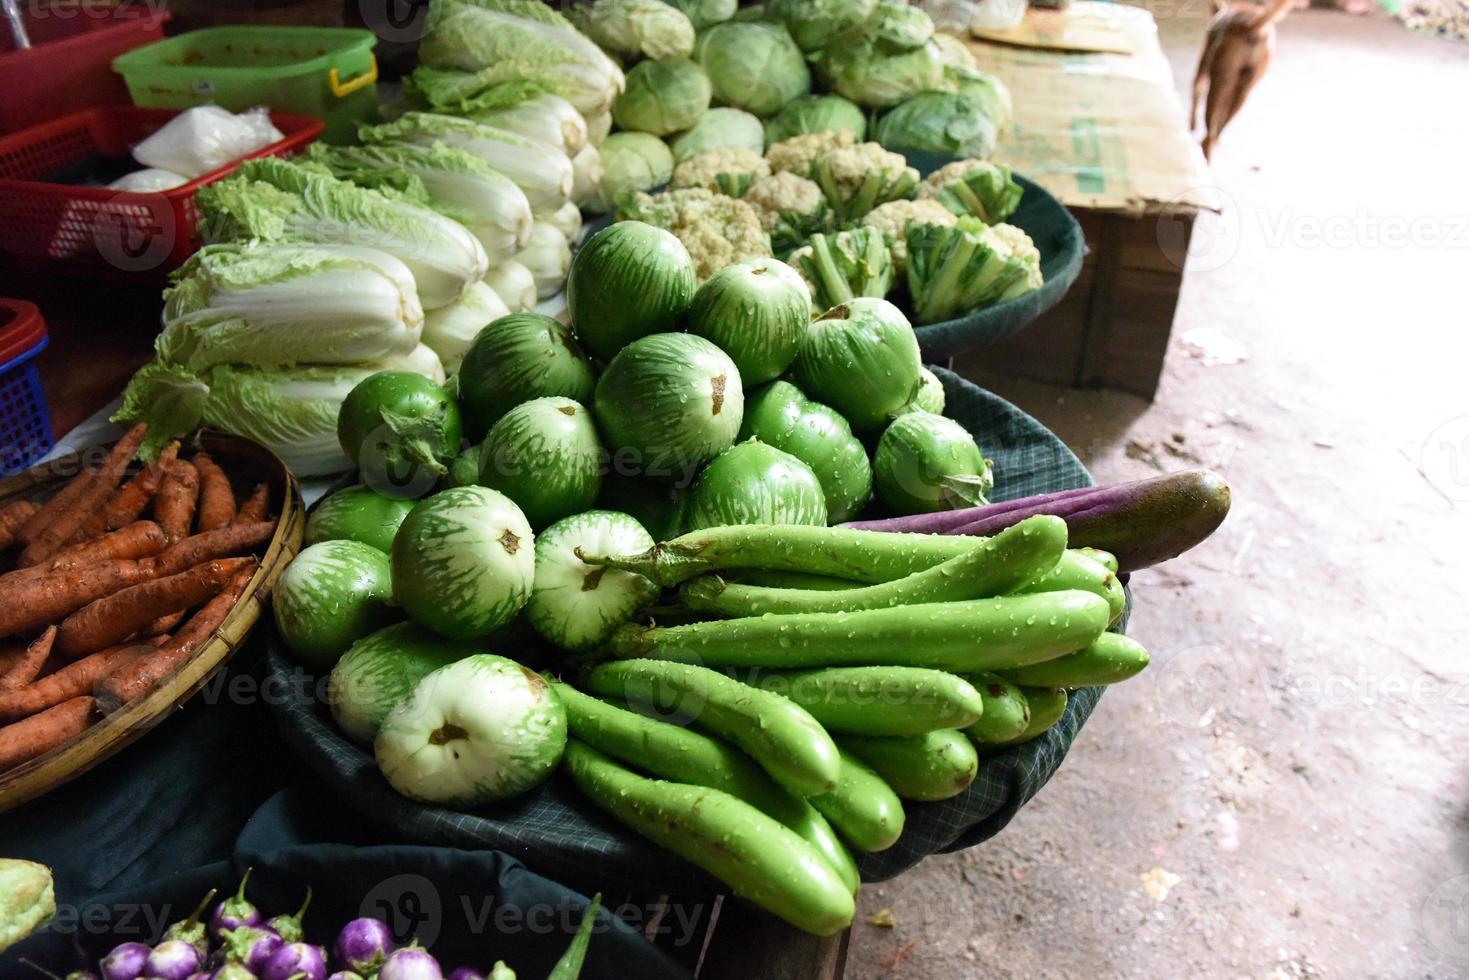 groente in verse markt foto